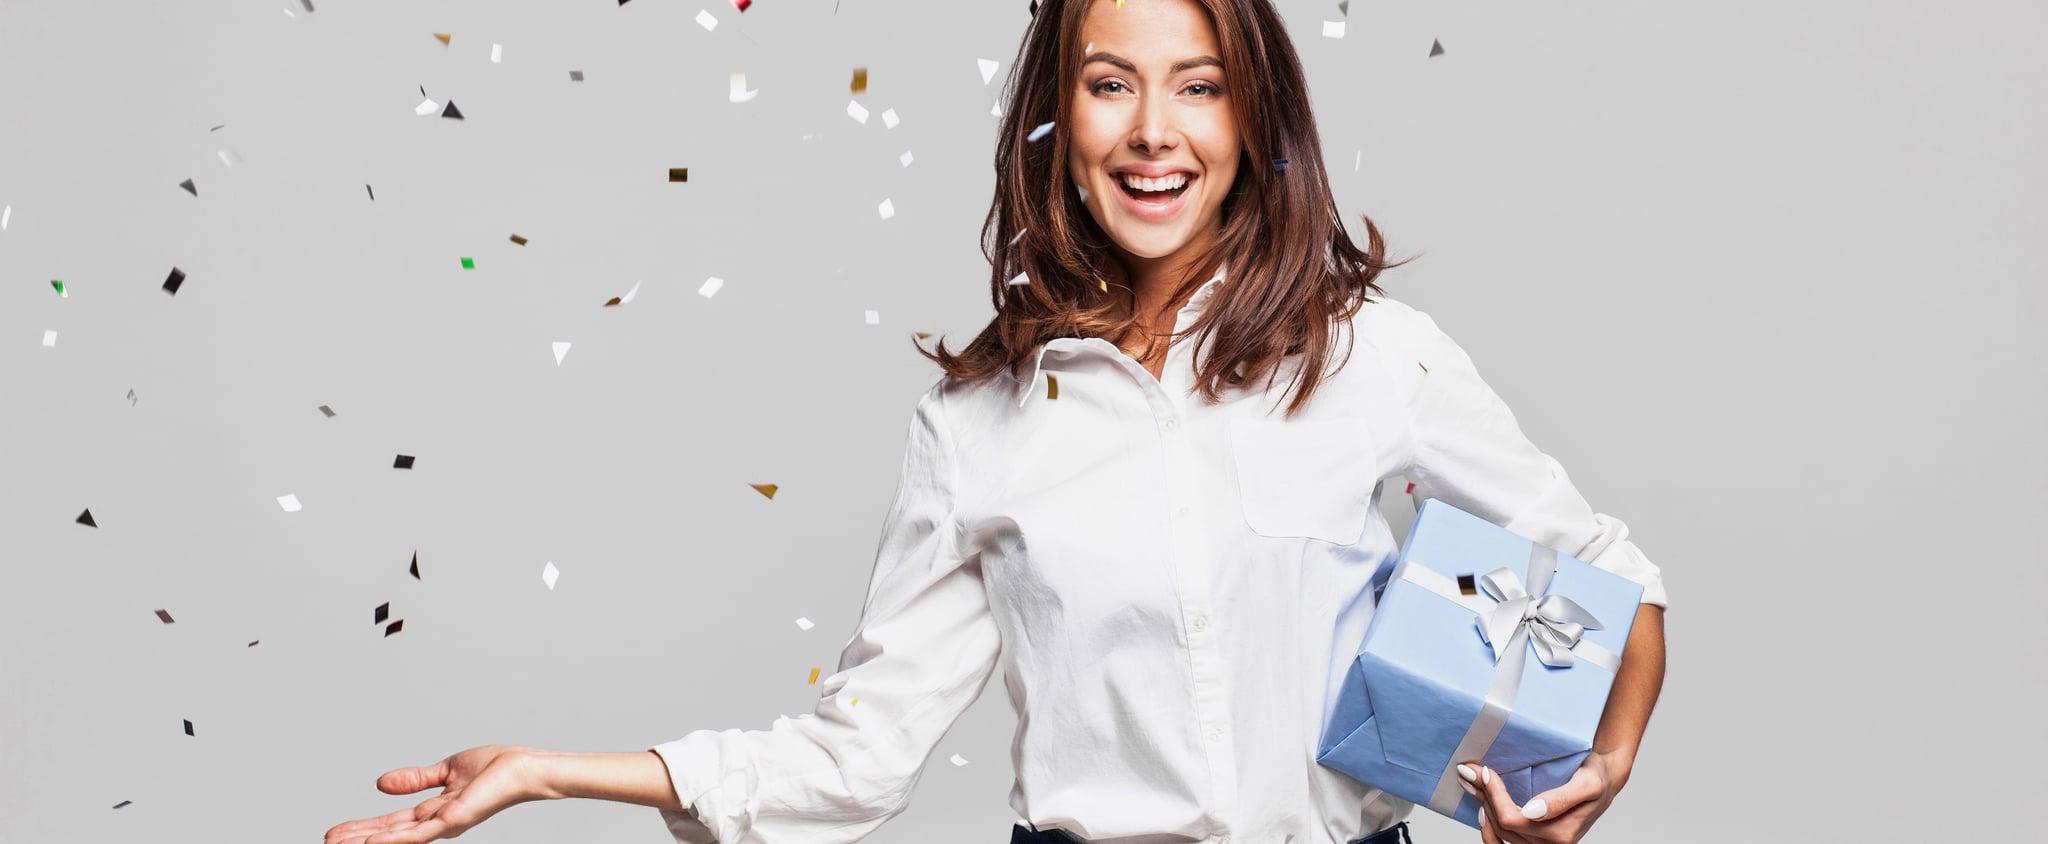 قائمة مختصرة لأروع الهدايا للفتيات بمناسبة عيد الأضحى 2020